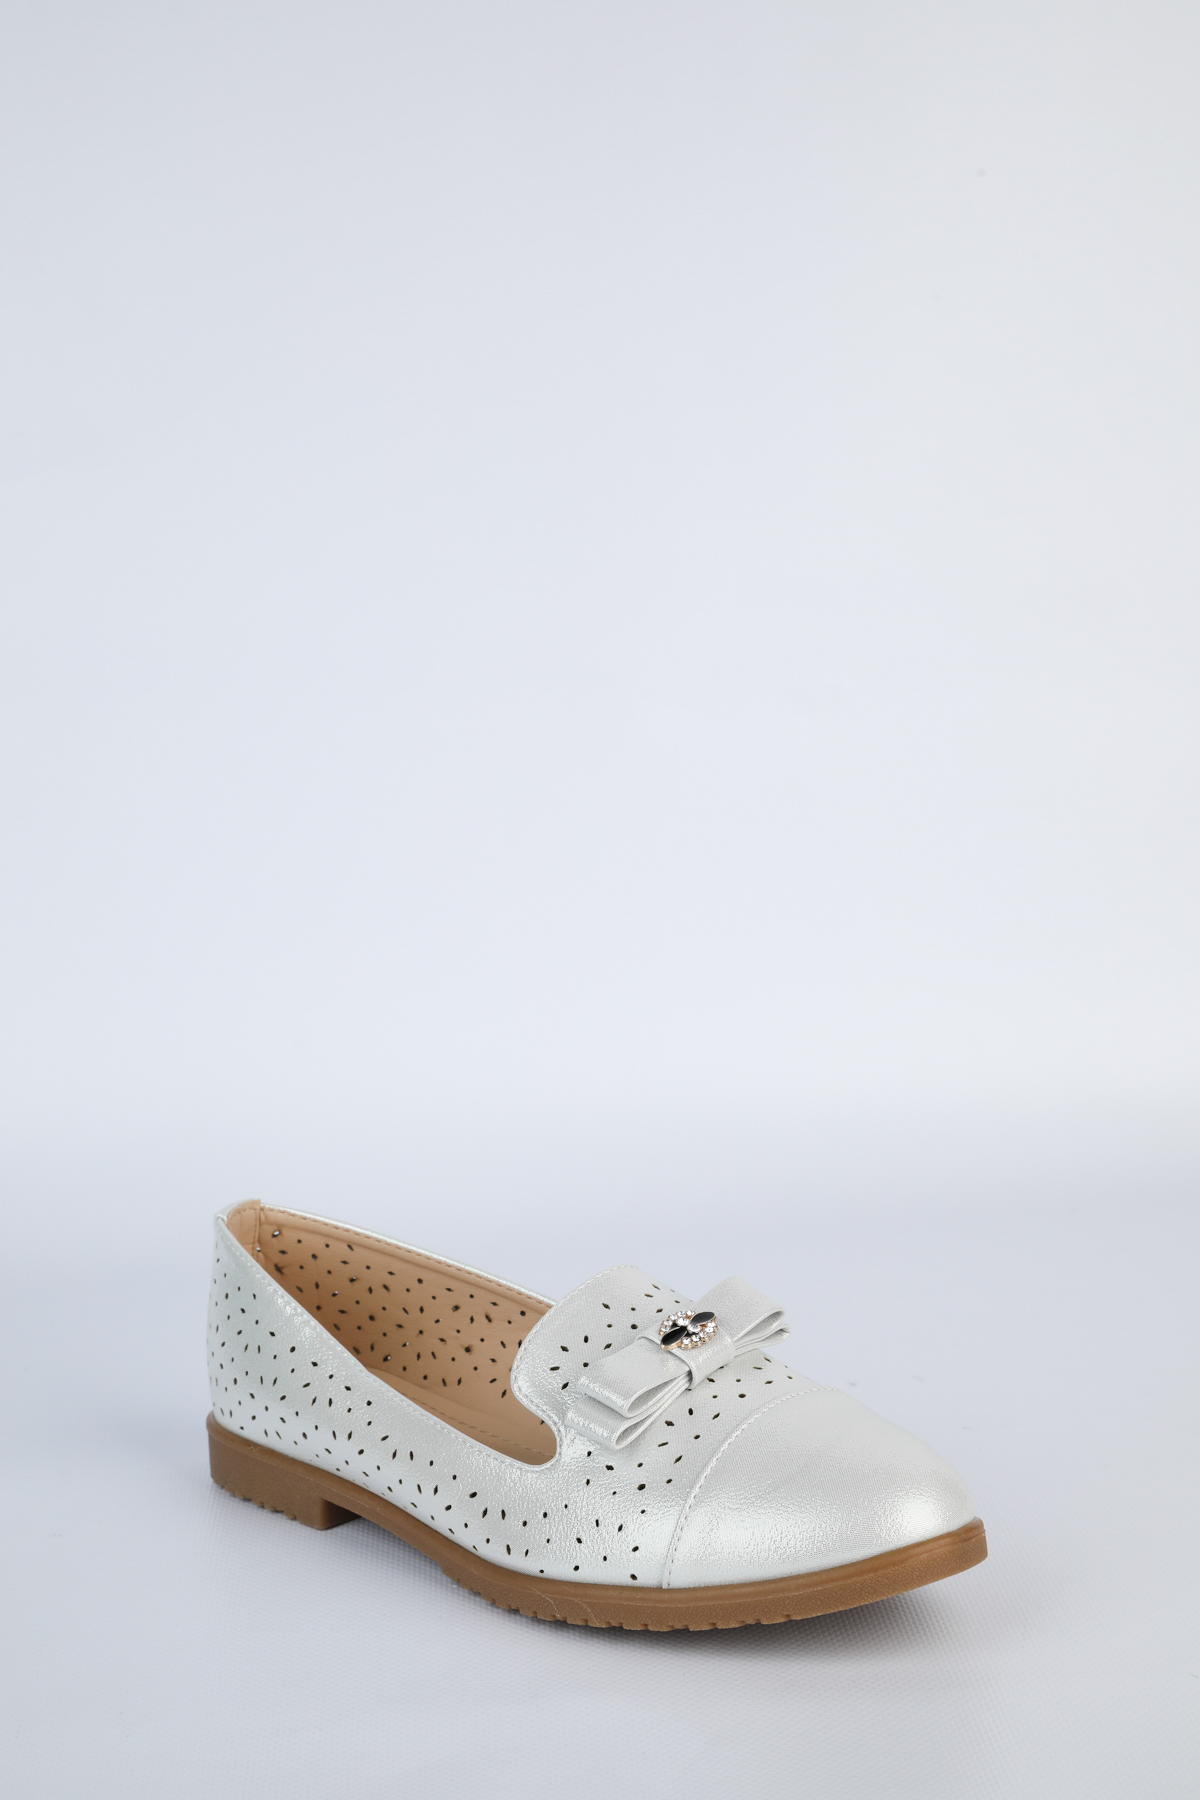 Mocassins Chaussures Argent Laura Mode W170 #c eFashion Paris